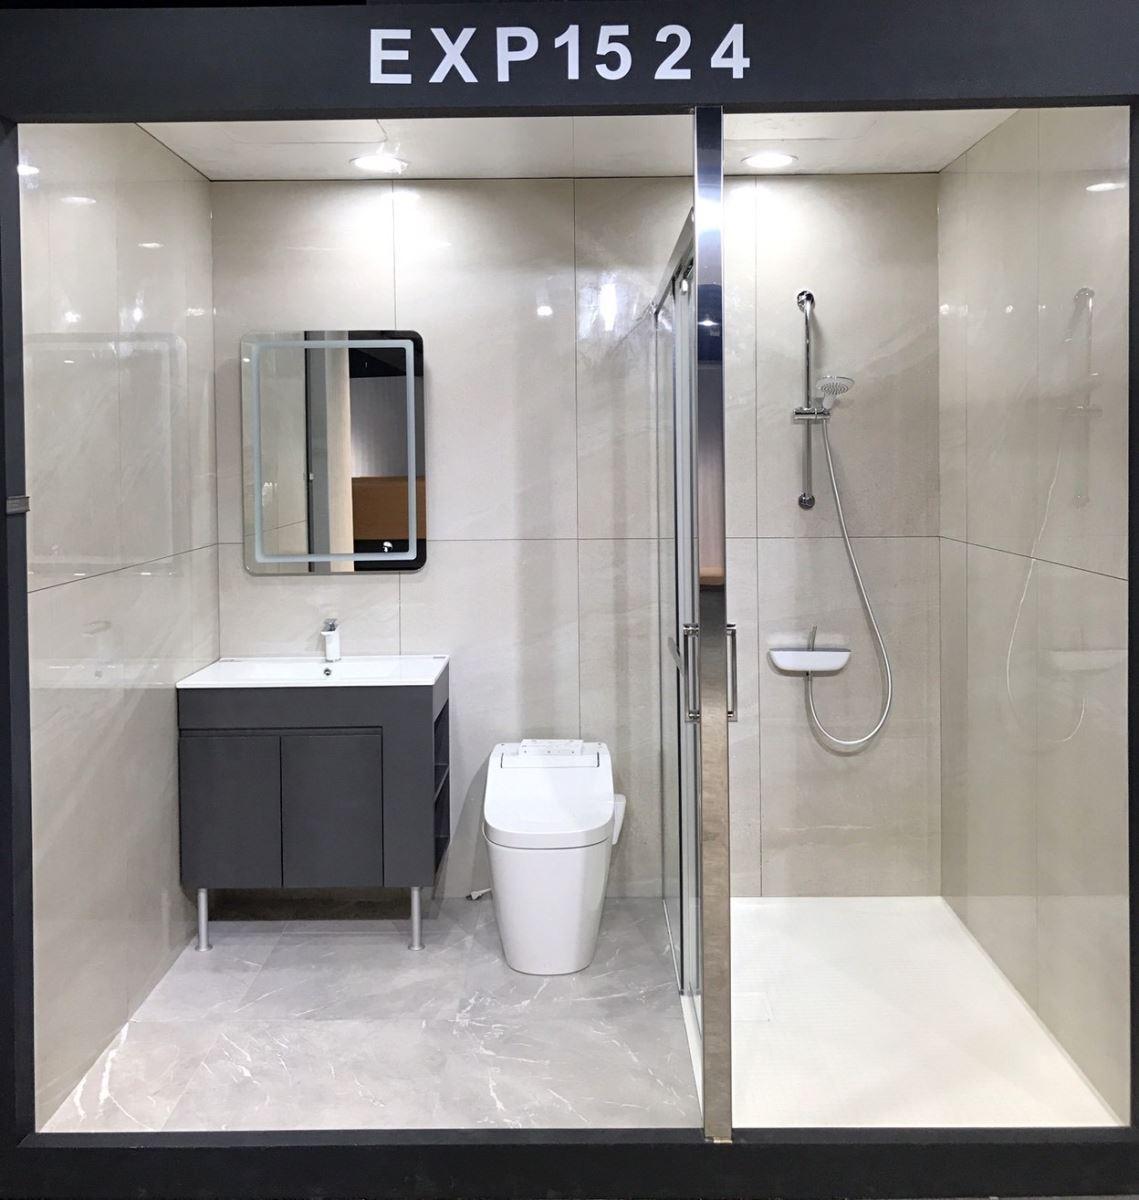 裝修浴室只要四小時!防潮,耐用,快速安裝的整體衛浴進化術 - Yahoo奇摩房地產